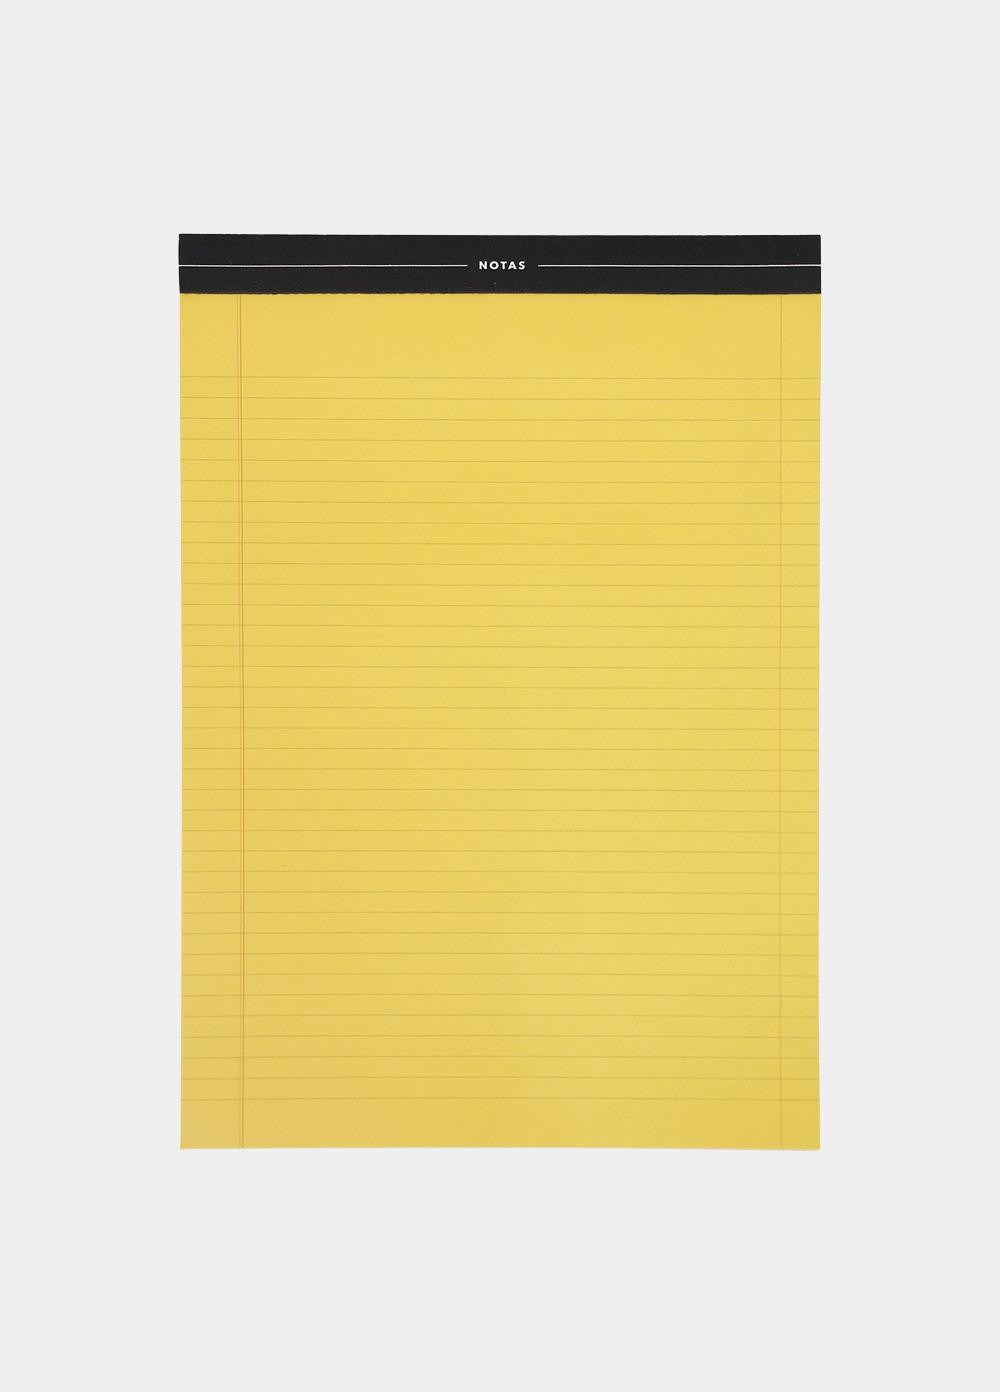 bloco-amarelo-A5